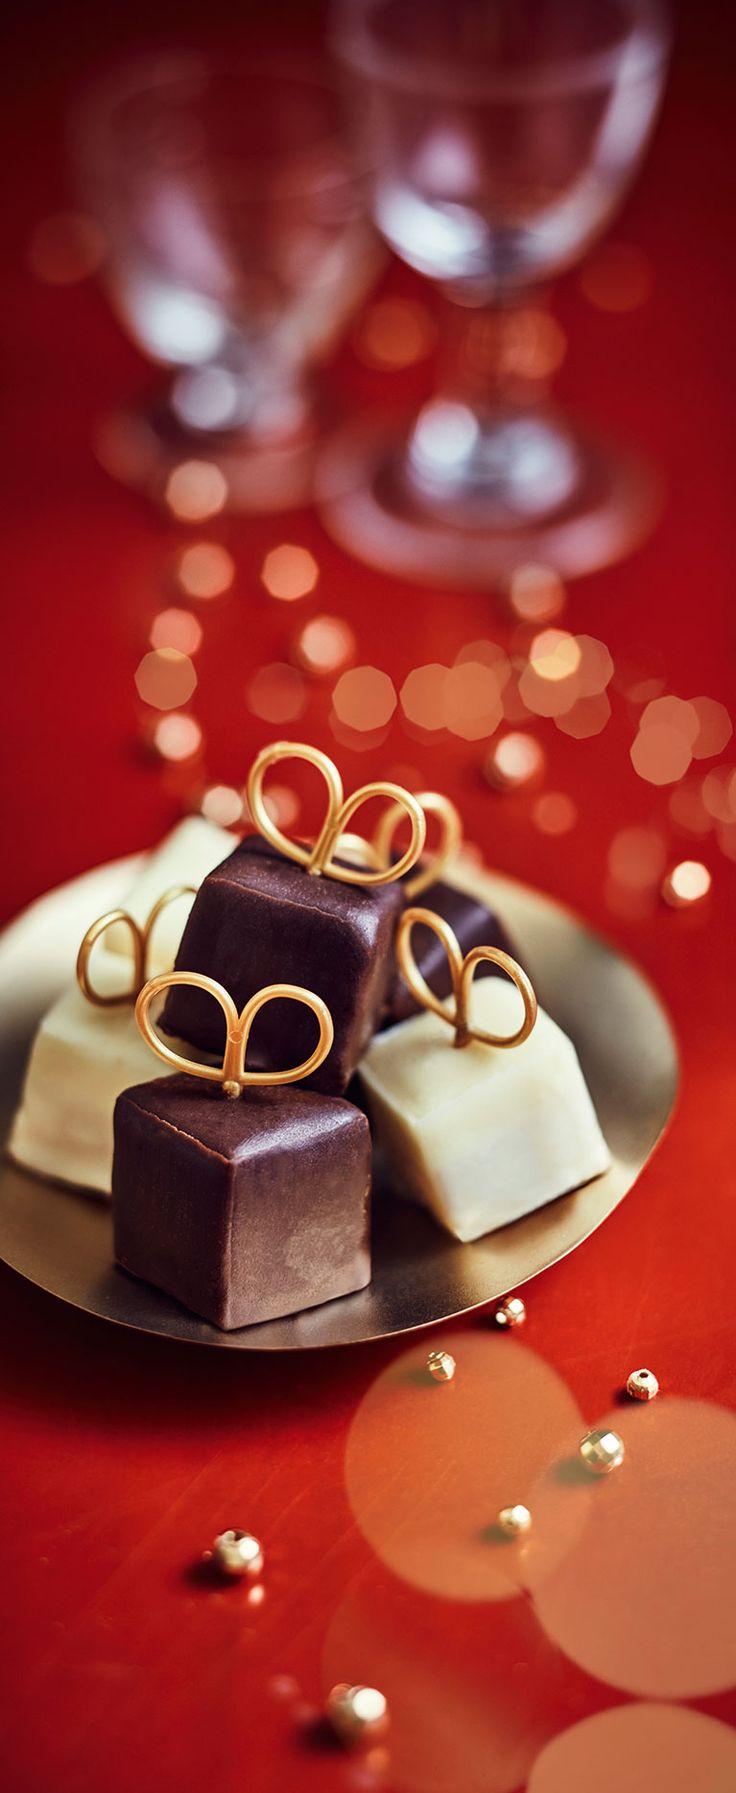 Petites bouchées gourmandes en forme de cadeaux de Noël